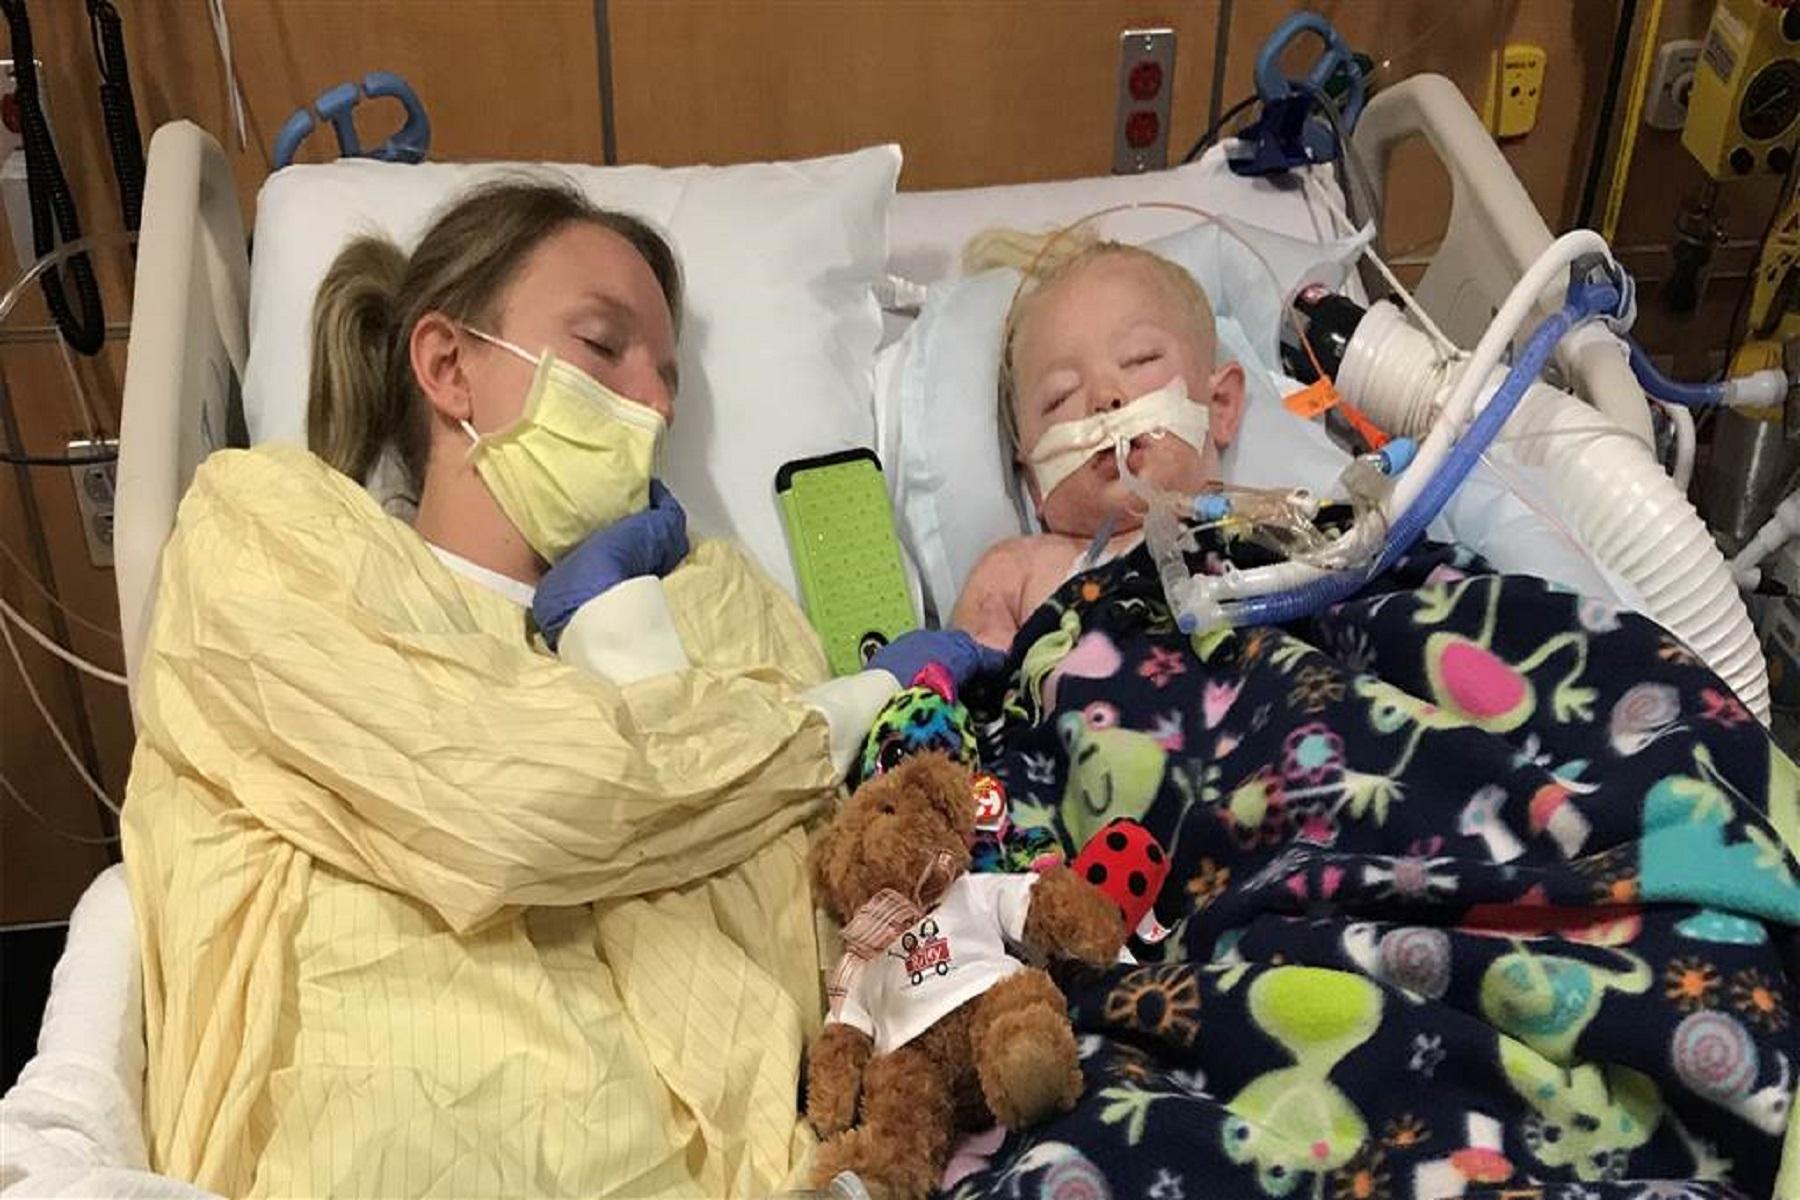 Μινεσότα ΗΠΑ: Τσίμπημα από κρότωνα (τσιμπούρι) οδήγησε παιδί στη ΜΕΘ